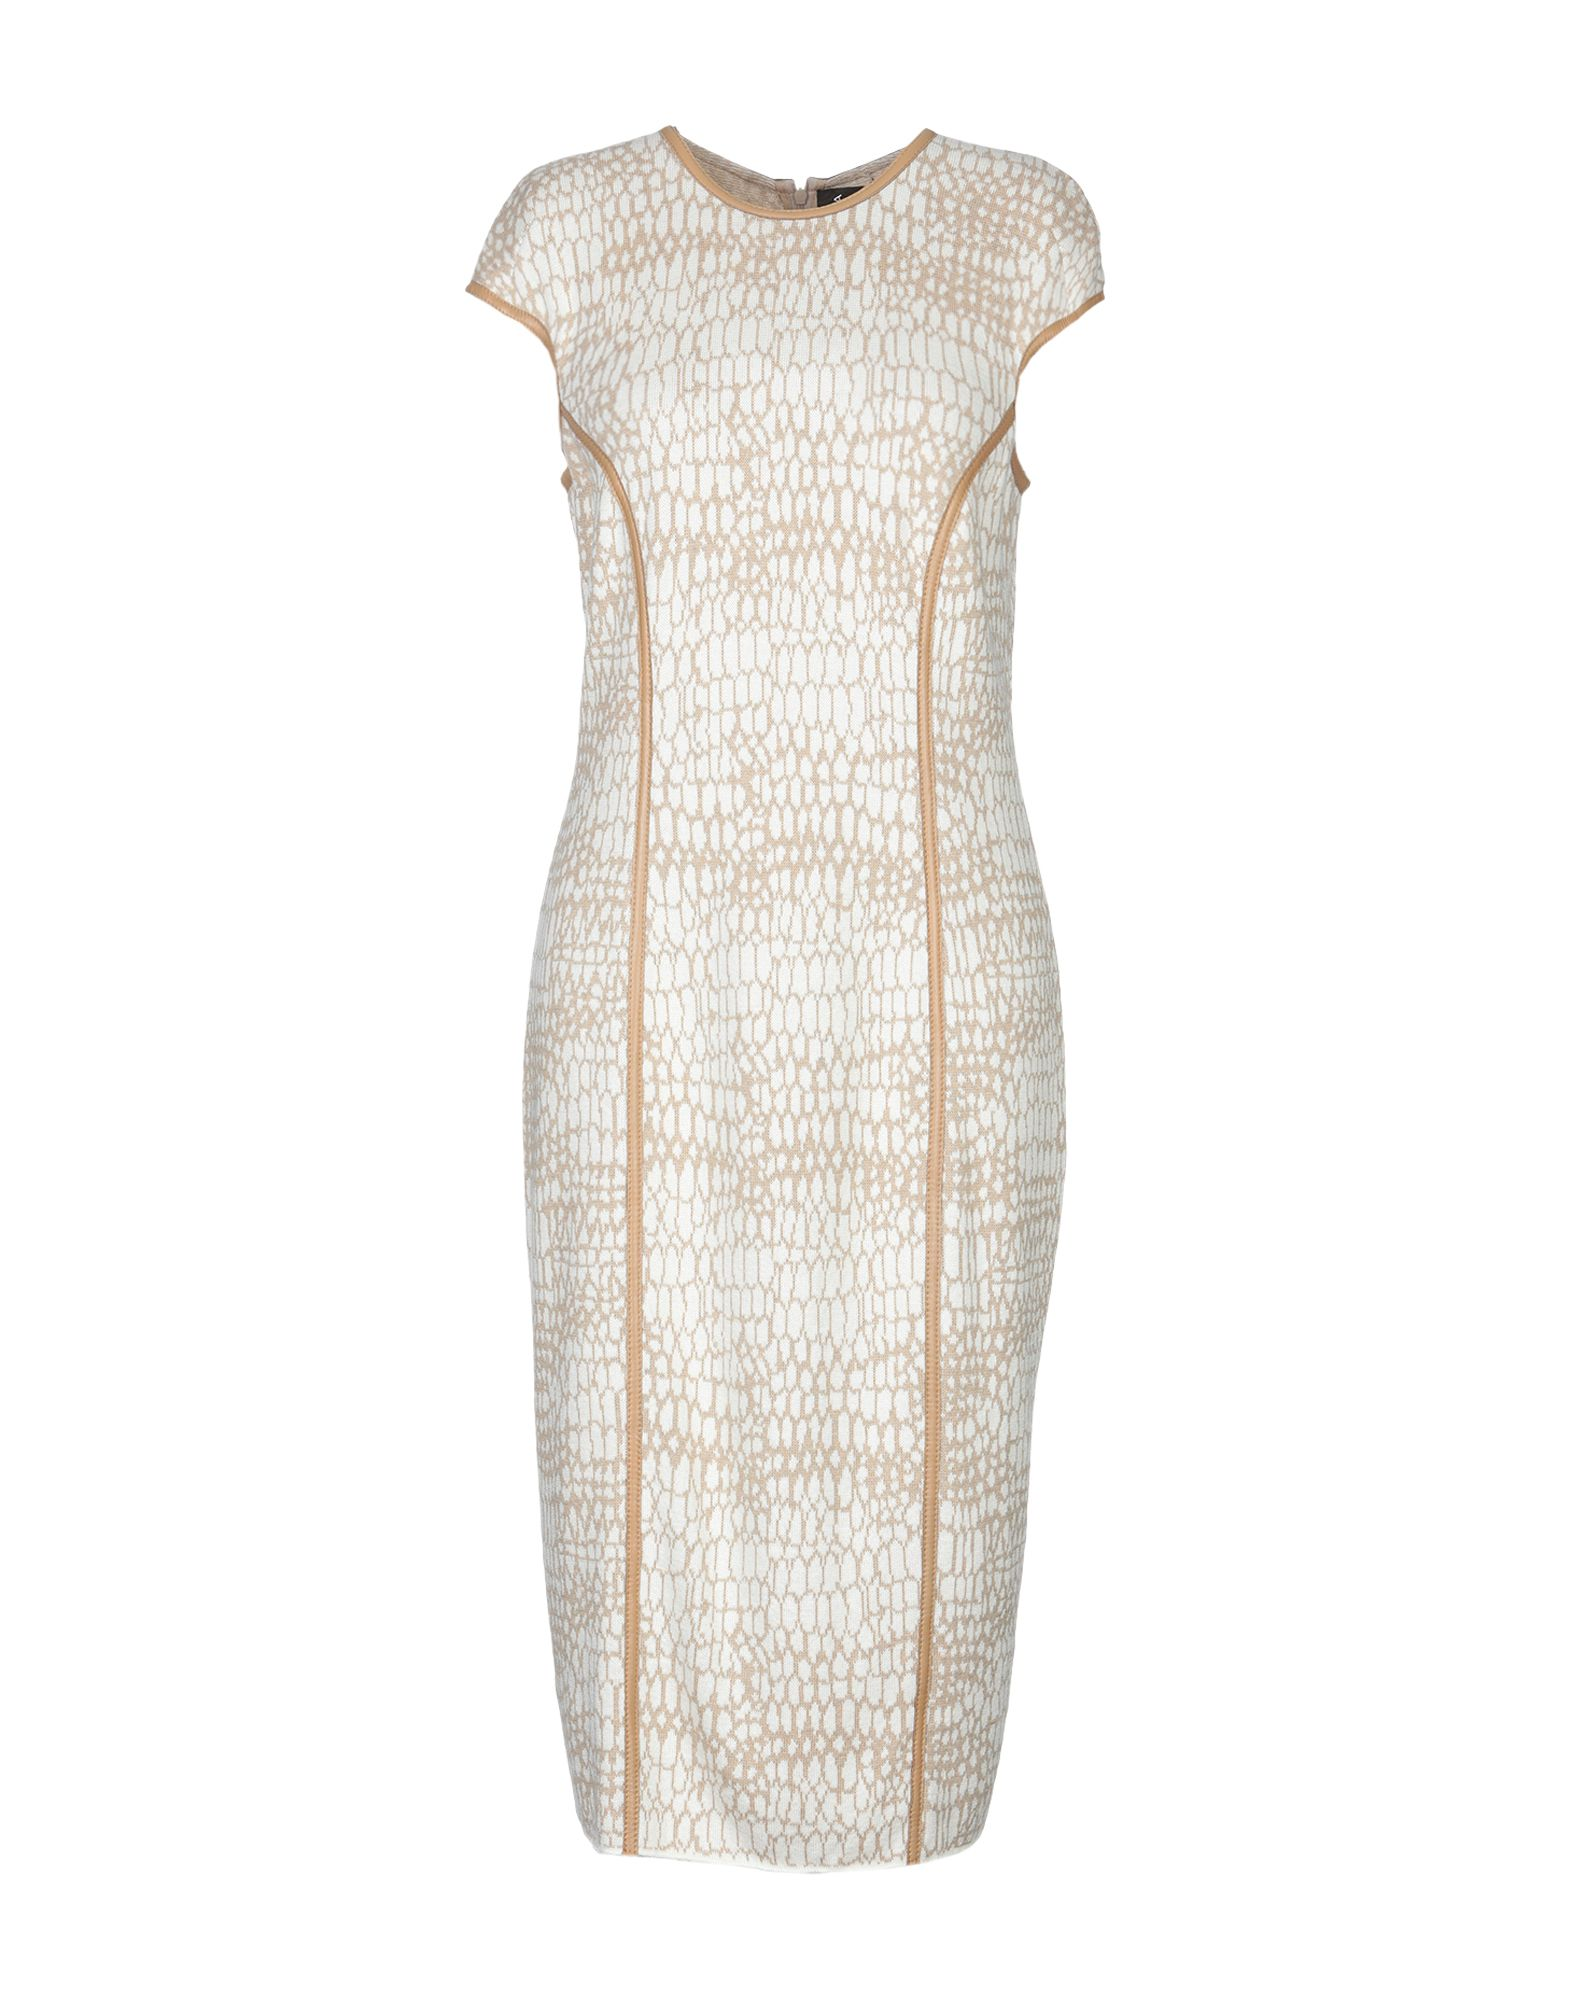 FONTANA COUTURE Платье длиной 3/4 padì couture юбка длиной 3 4